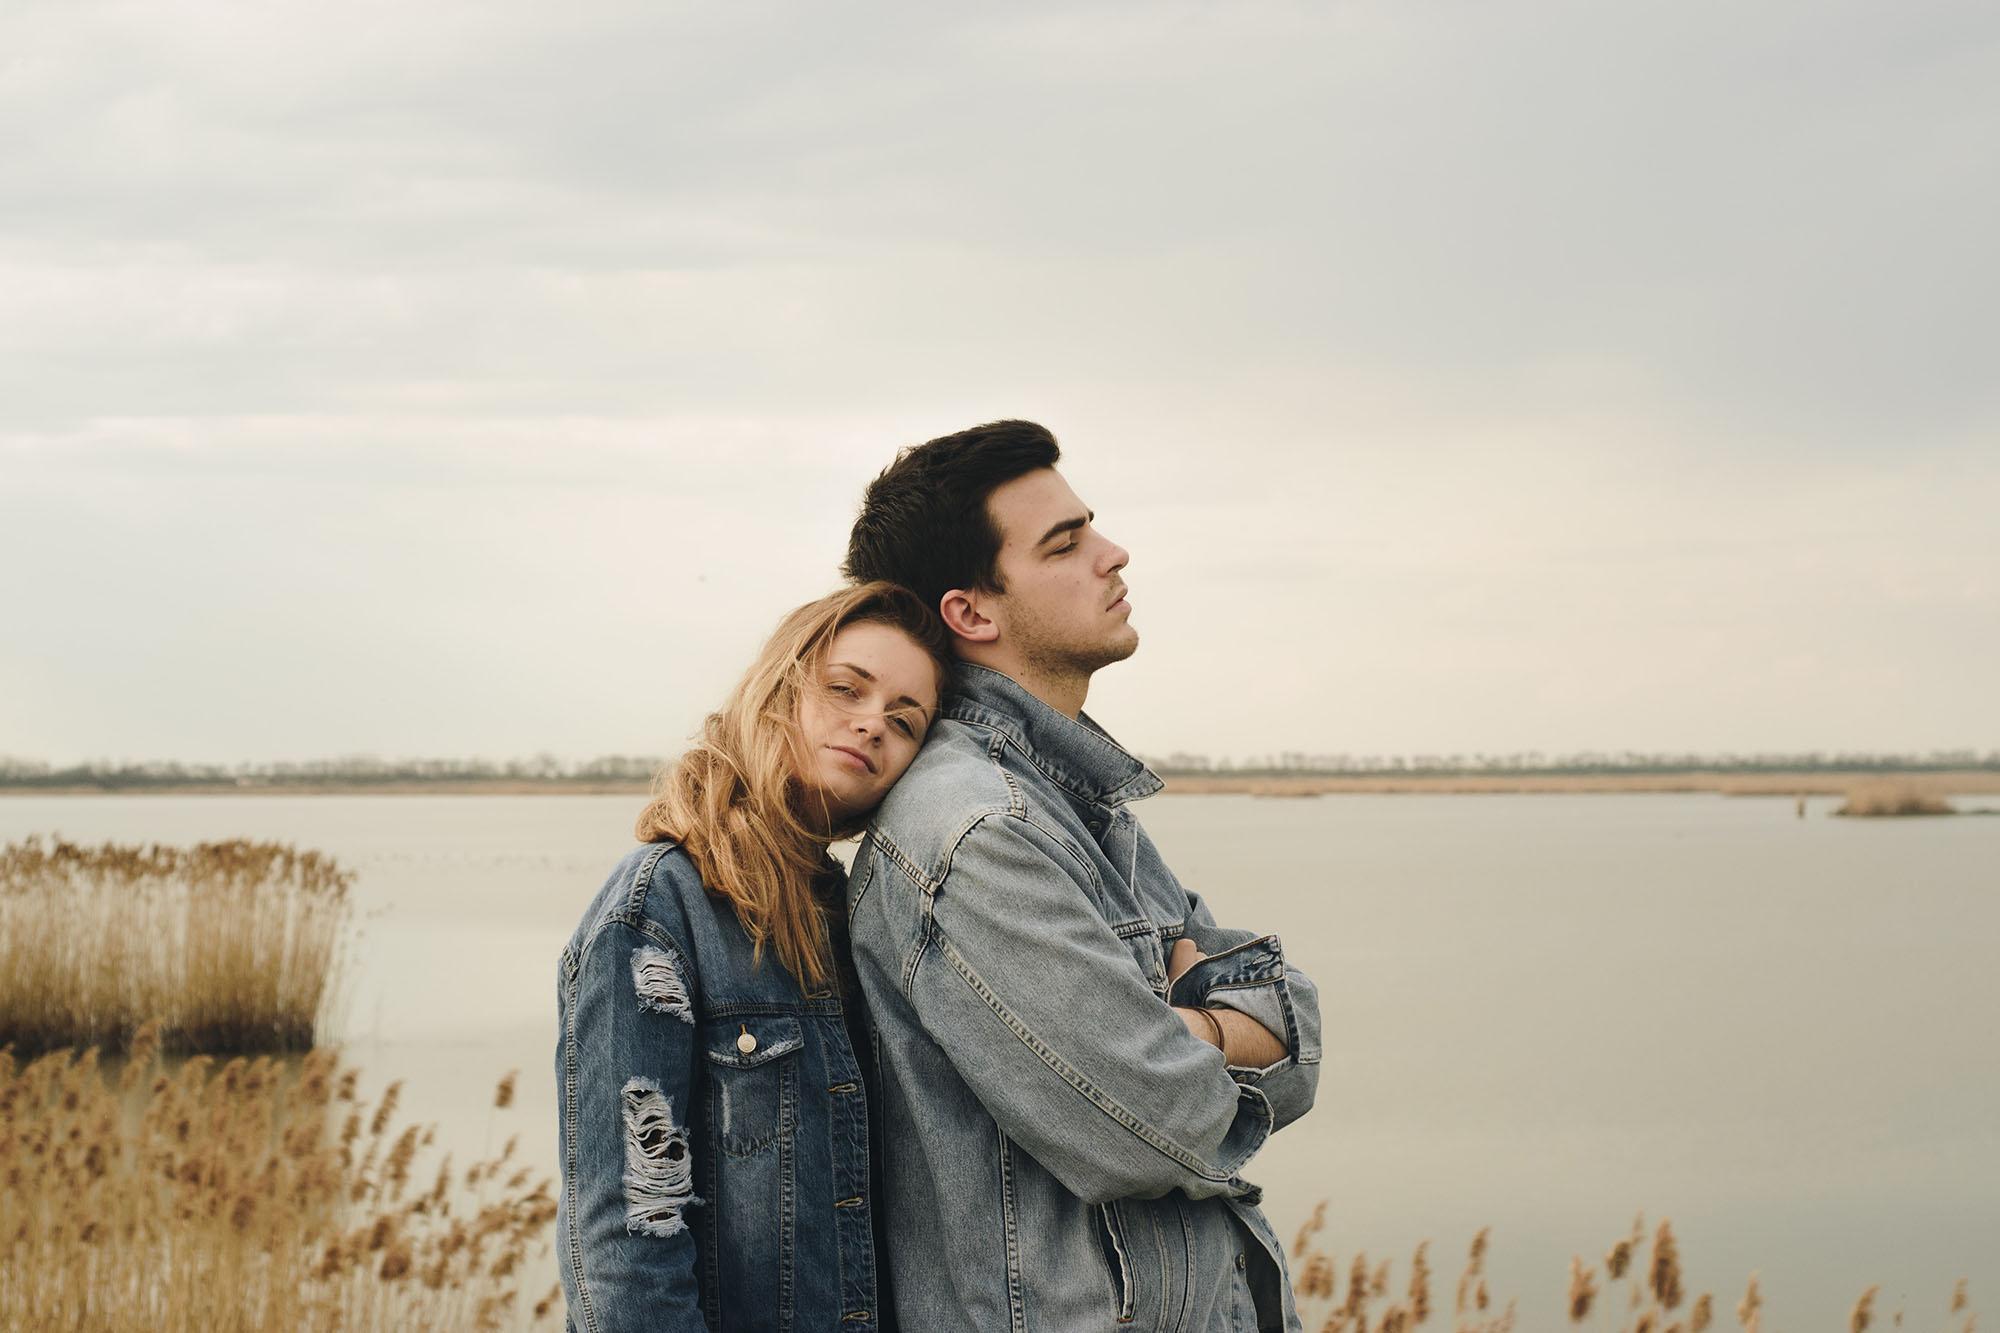 Cặp đôi tựa nhau trong im lặng